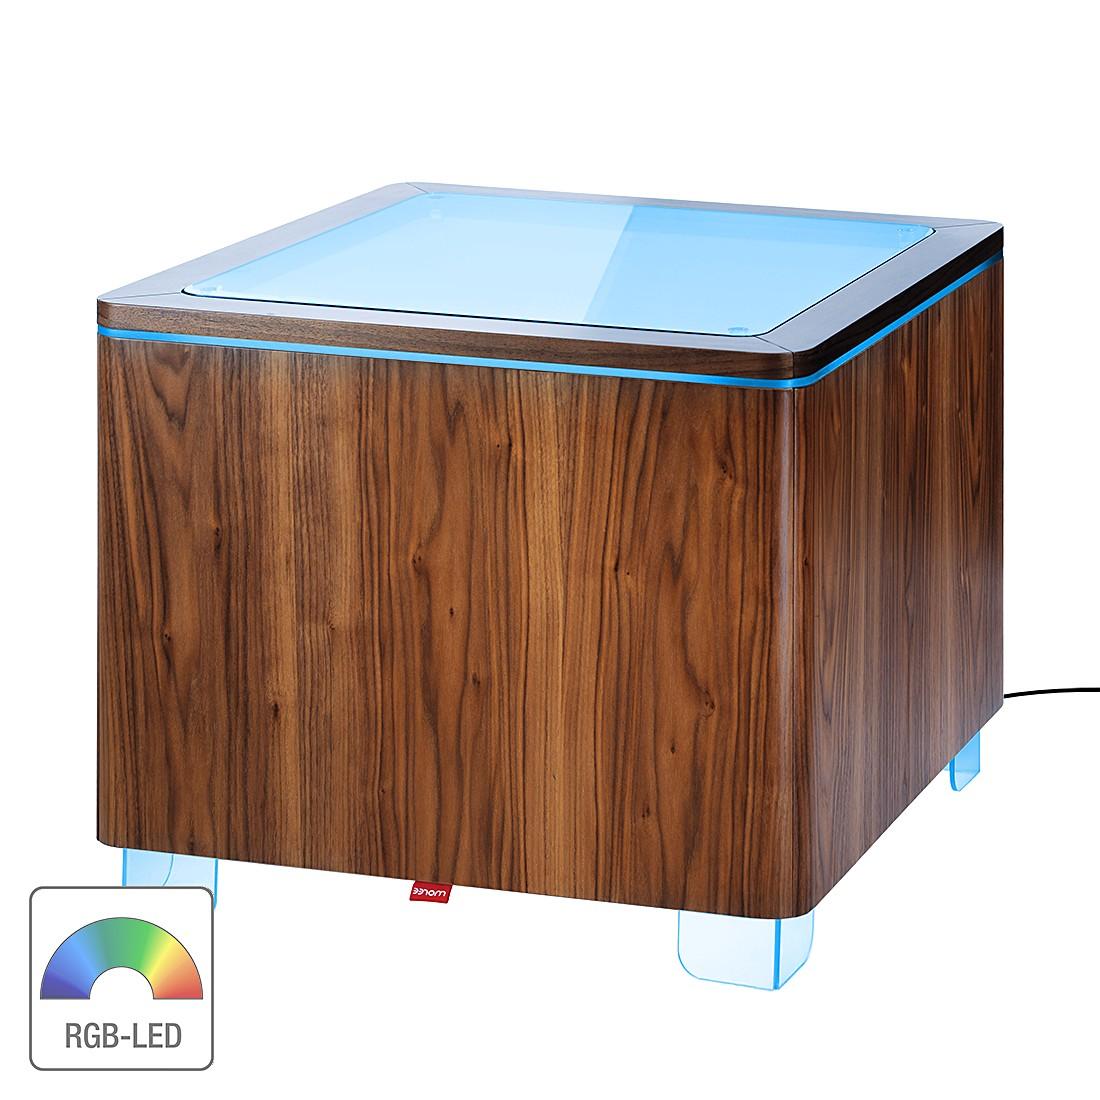 eek a beistelltisch ora walnuss mit led beleuchtung fernbedienung moree g nstig. Black Bedroom Furniture Sets. Home Design Ideas